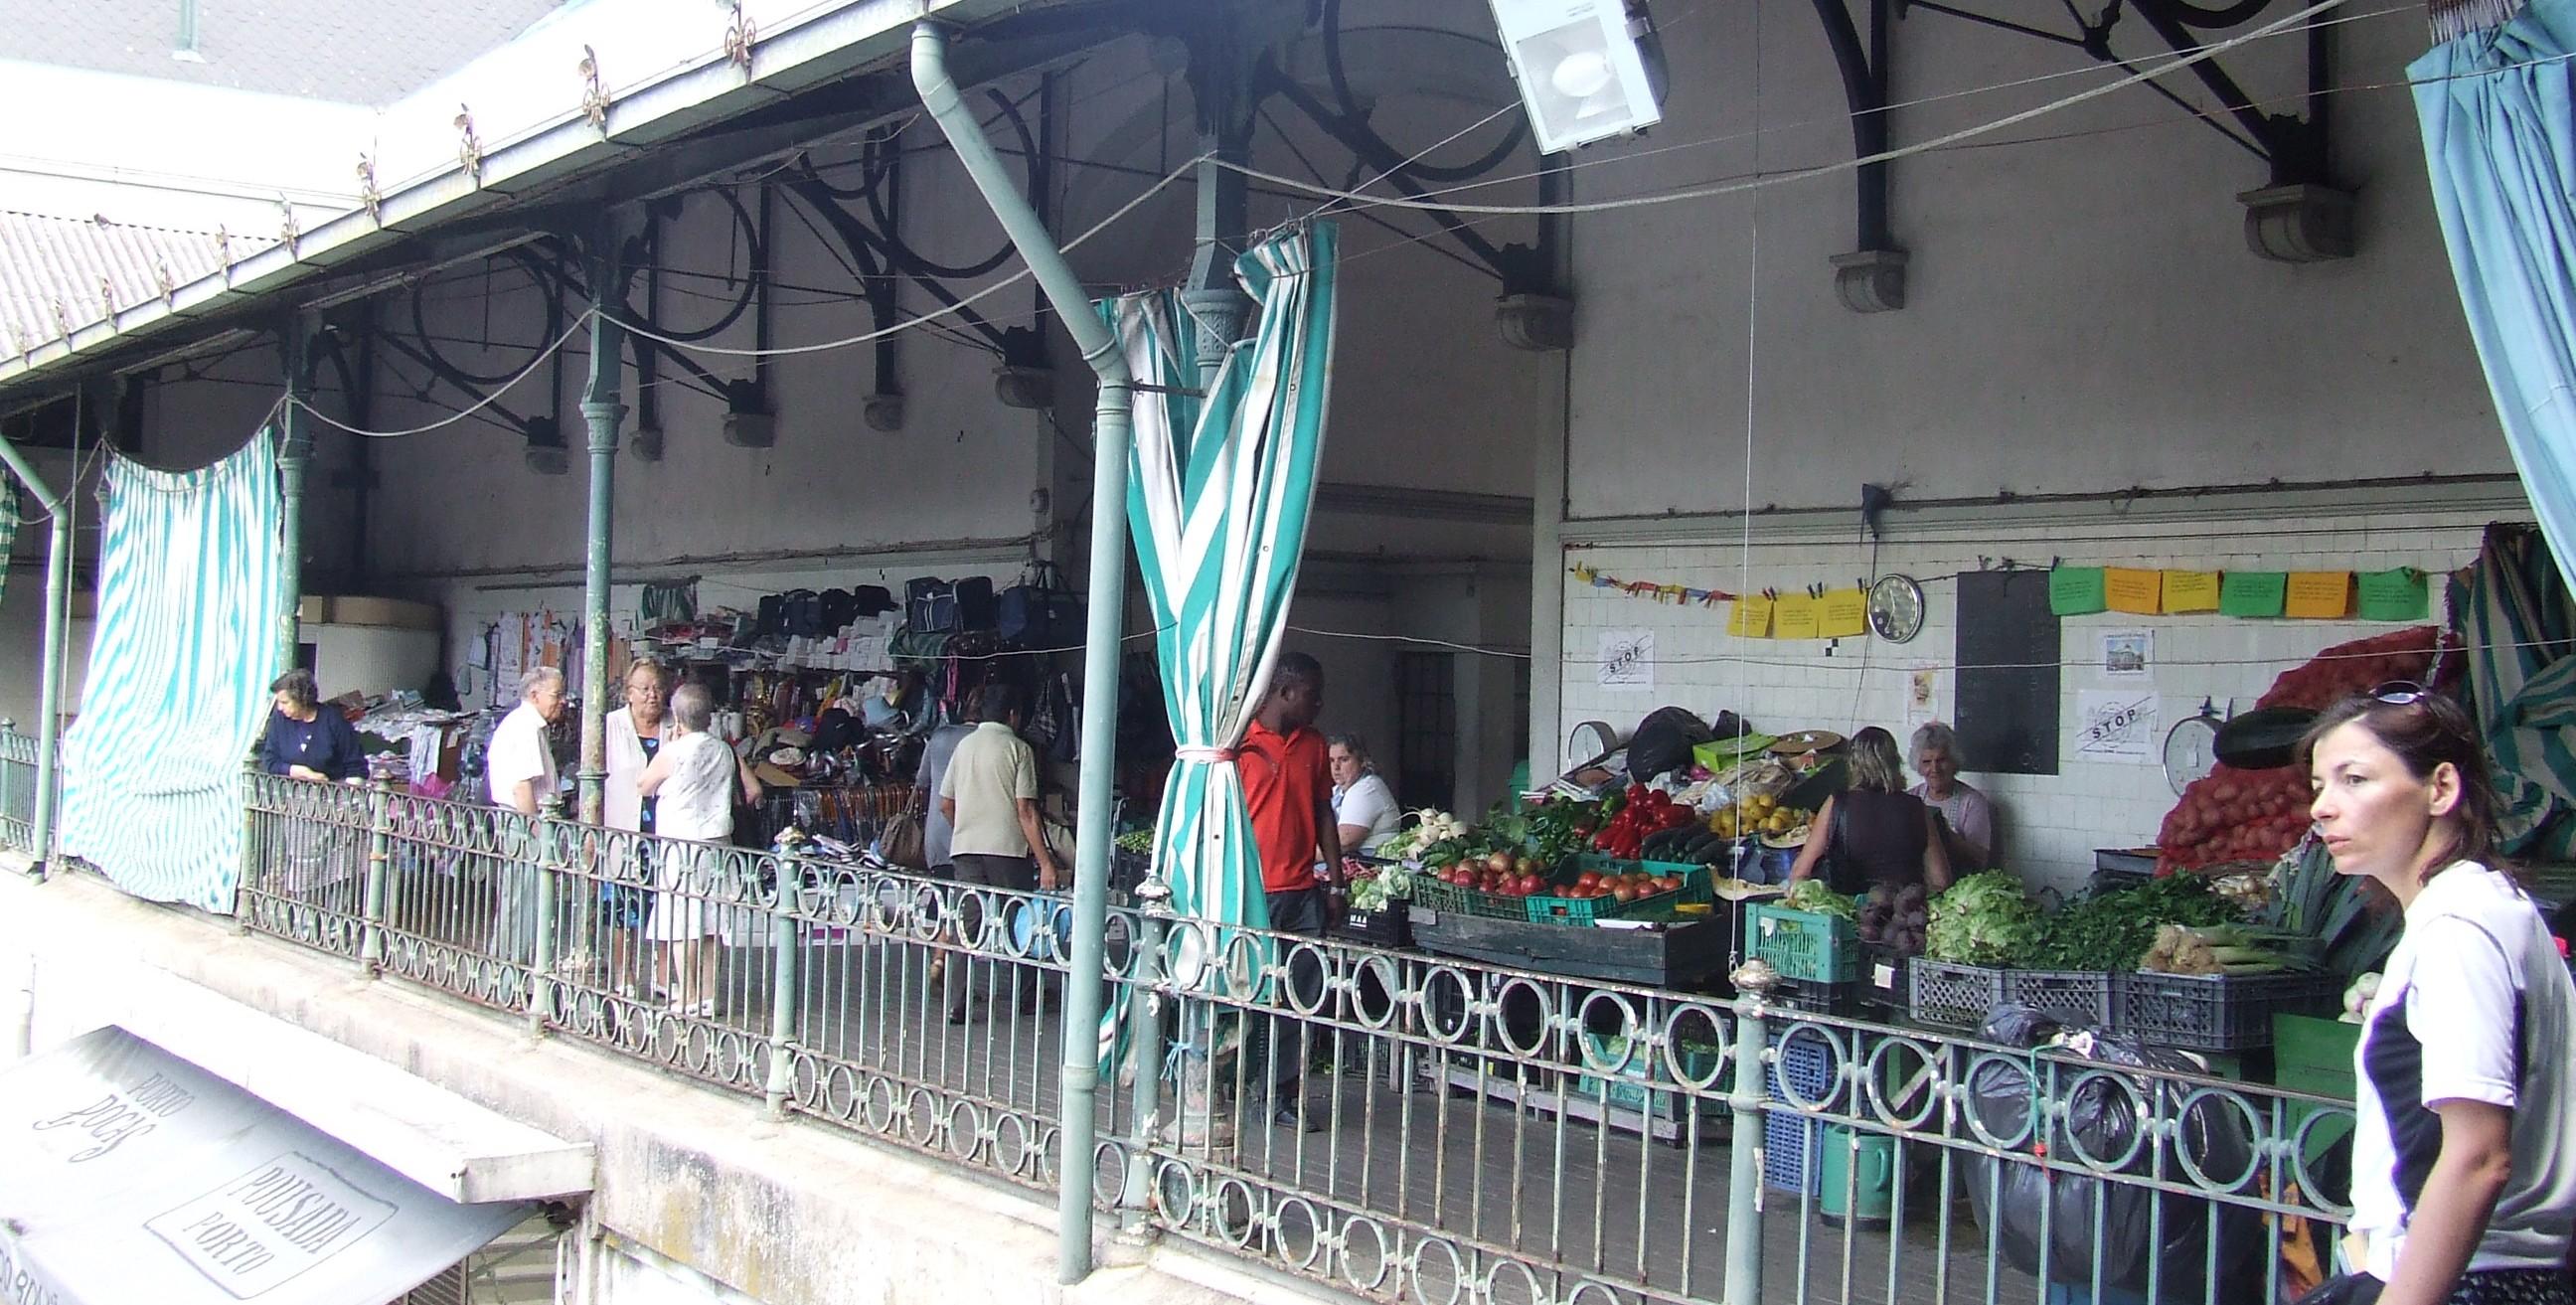 Mercado di Bolhao